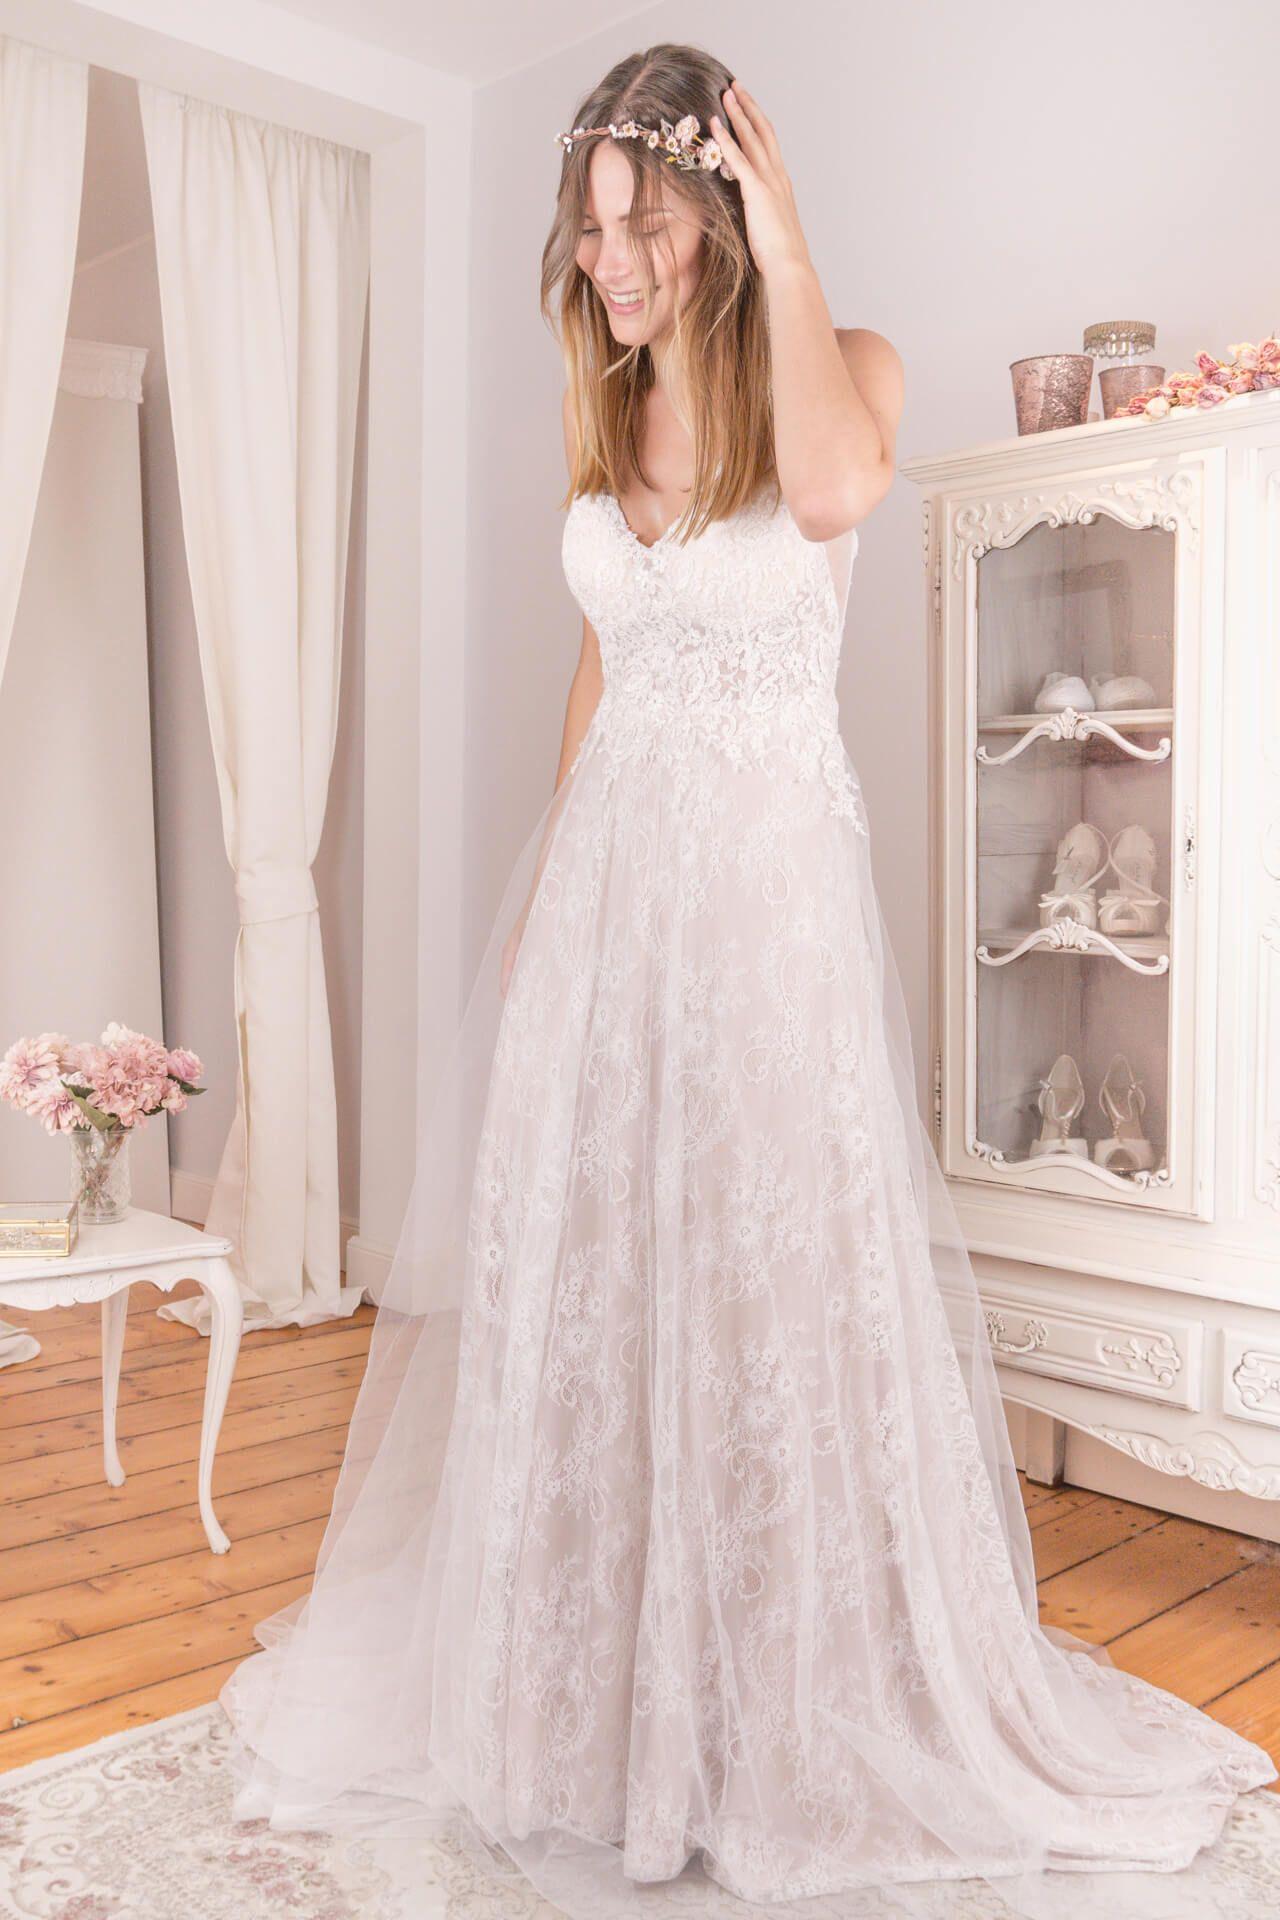 Schwedische Brautkleider zum Mitdesignen  Kleider hochzeit, Braut